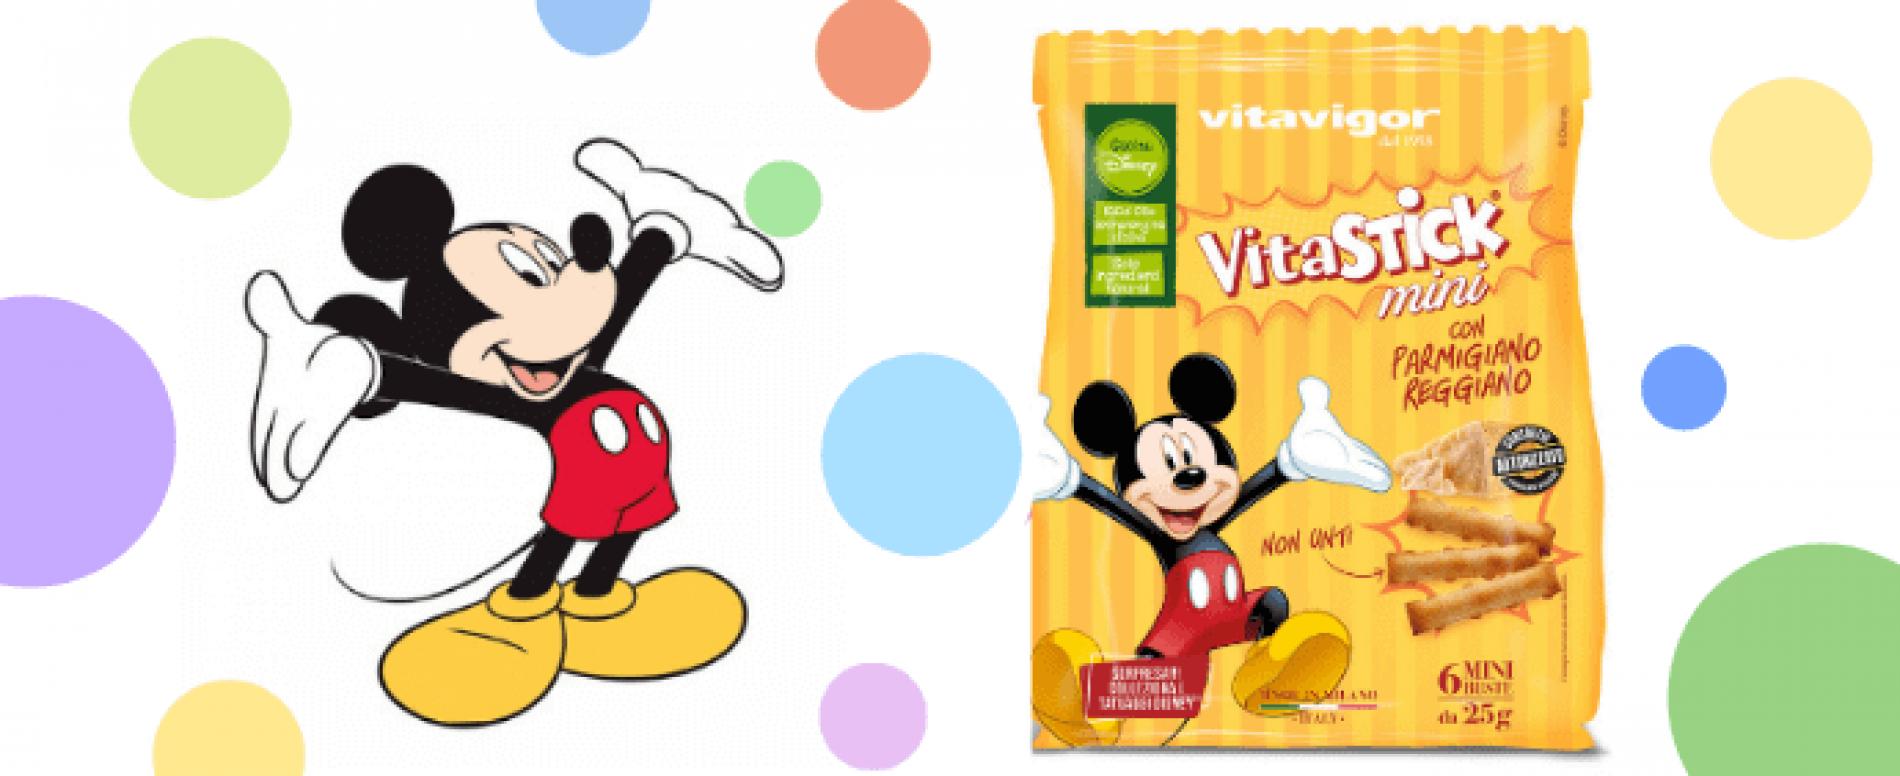 Vitavigor celebra il compleanno di Topolino con una nuova linea di Vitastick